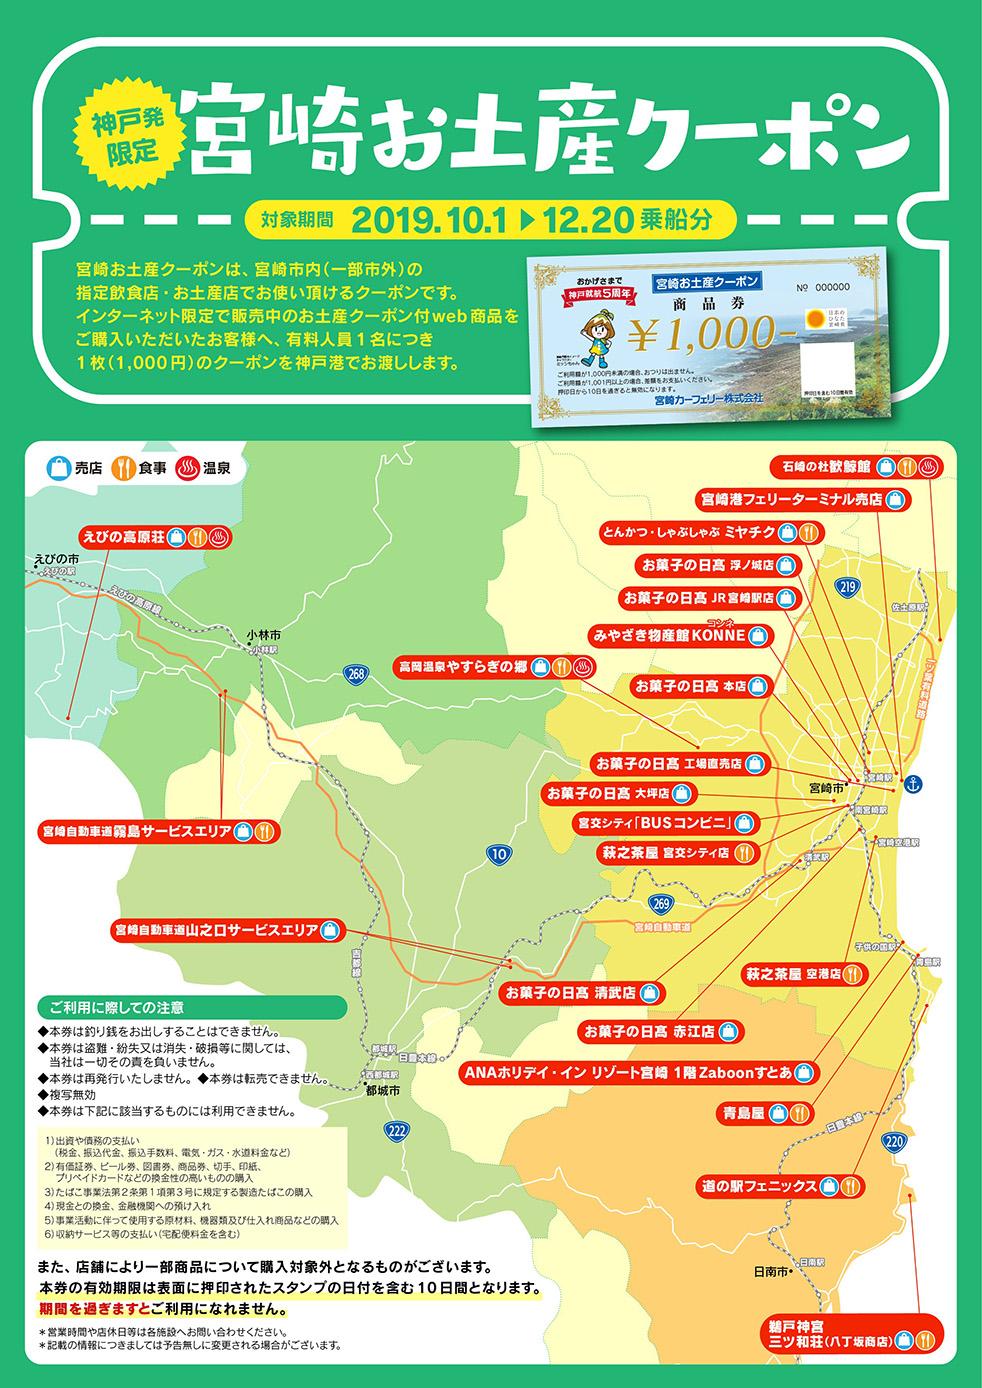 神戸発限定 宮崎お土産クーポン【2019年10月1日〜12月20日乗船分】